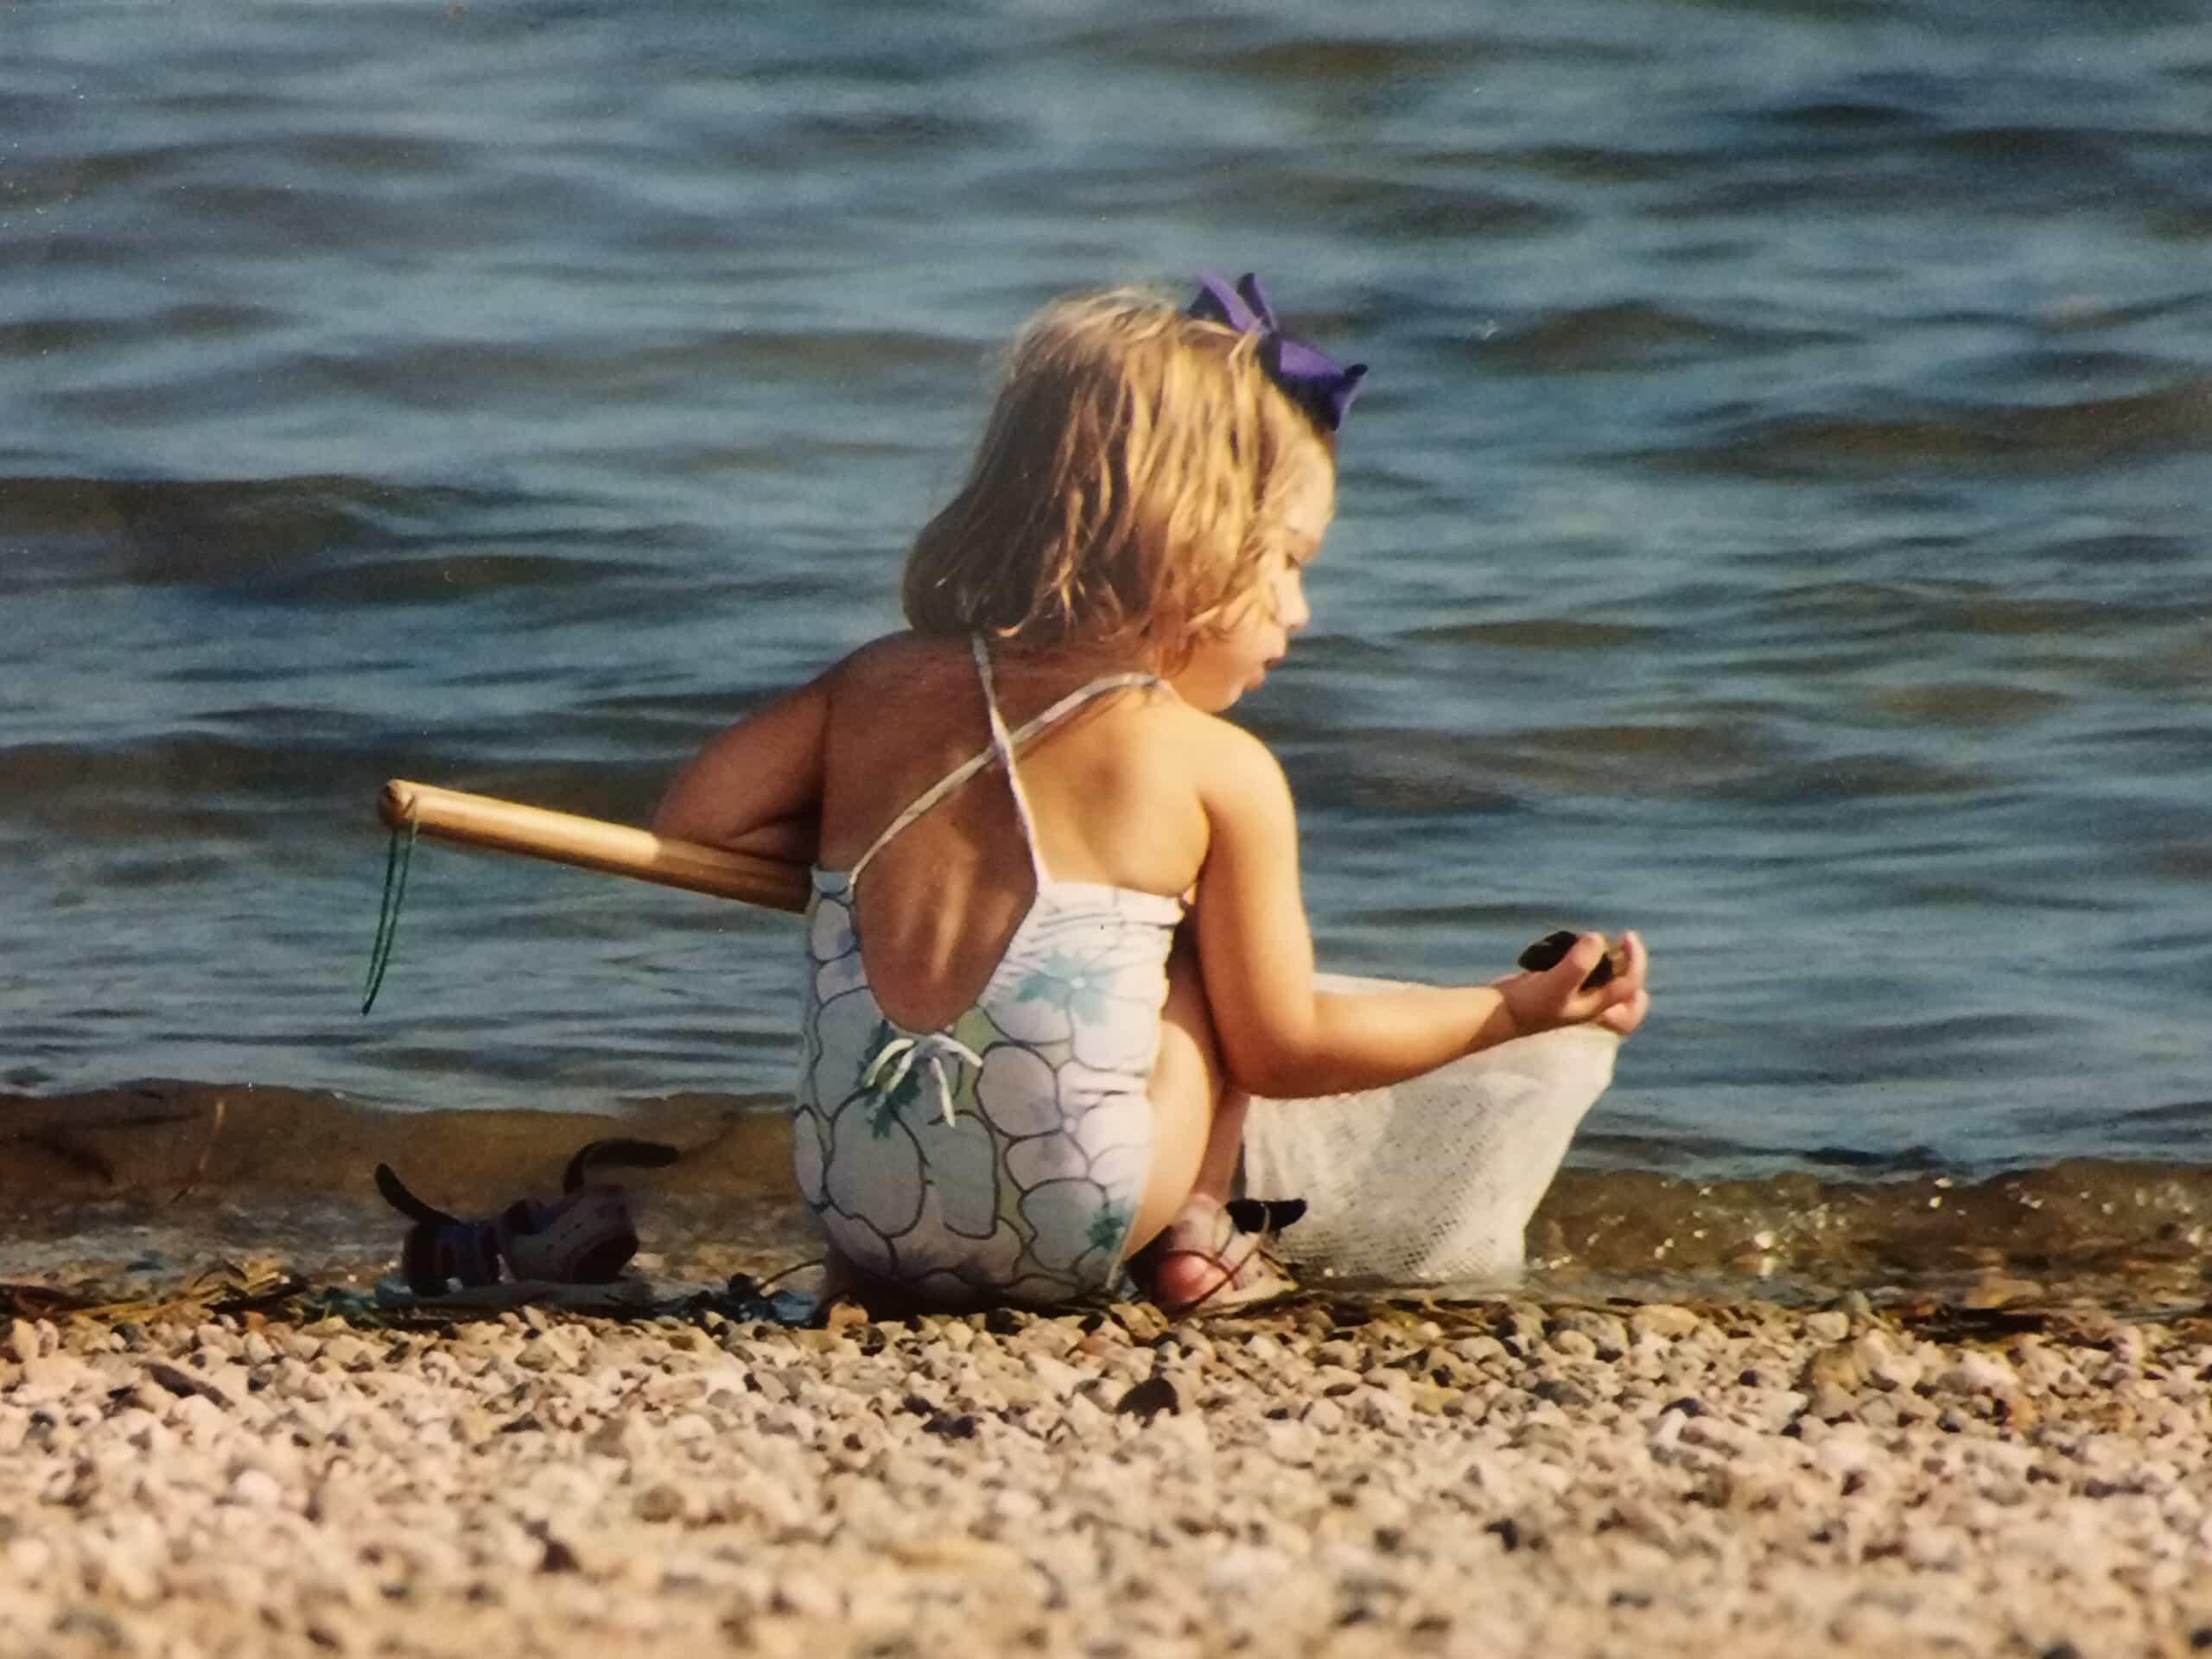 Emmy on the beach